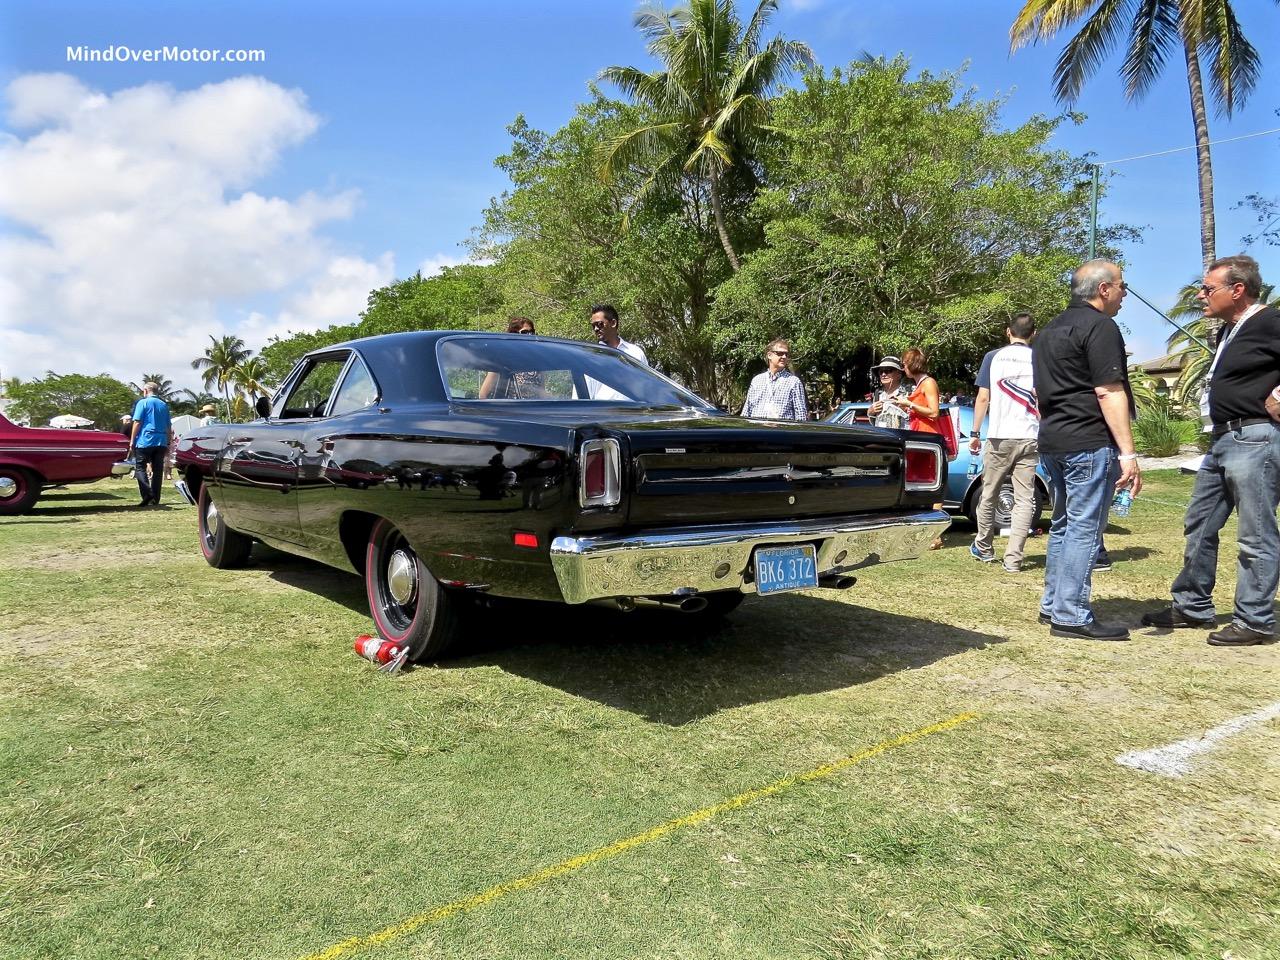 1969 Plymouth Hemi Roadrunner At The 2015 Boca Raton